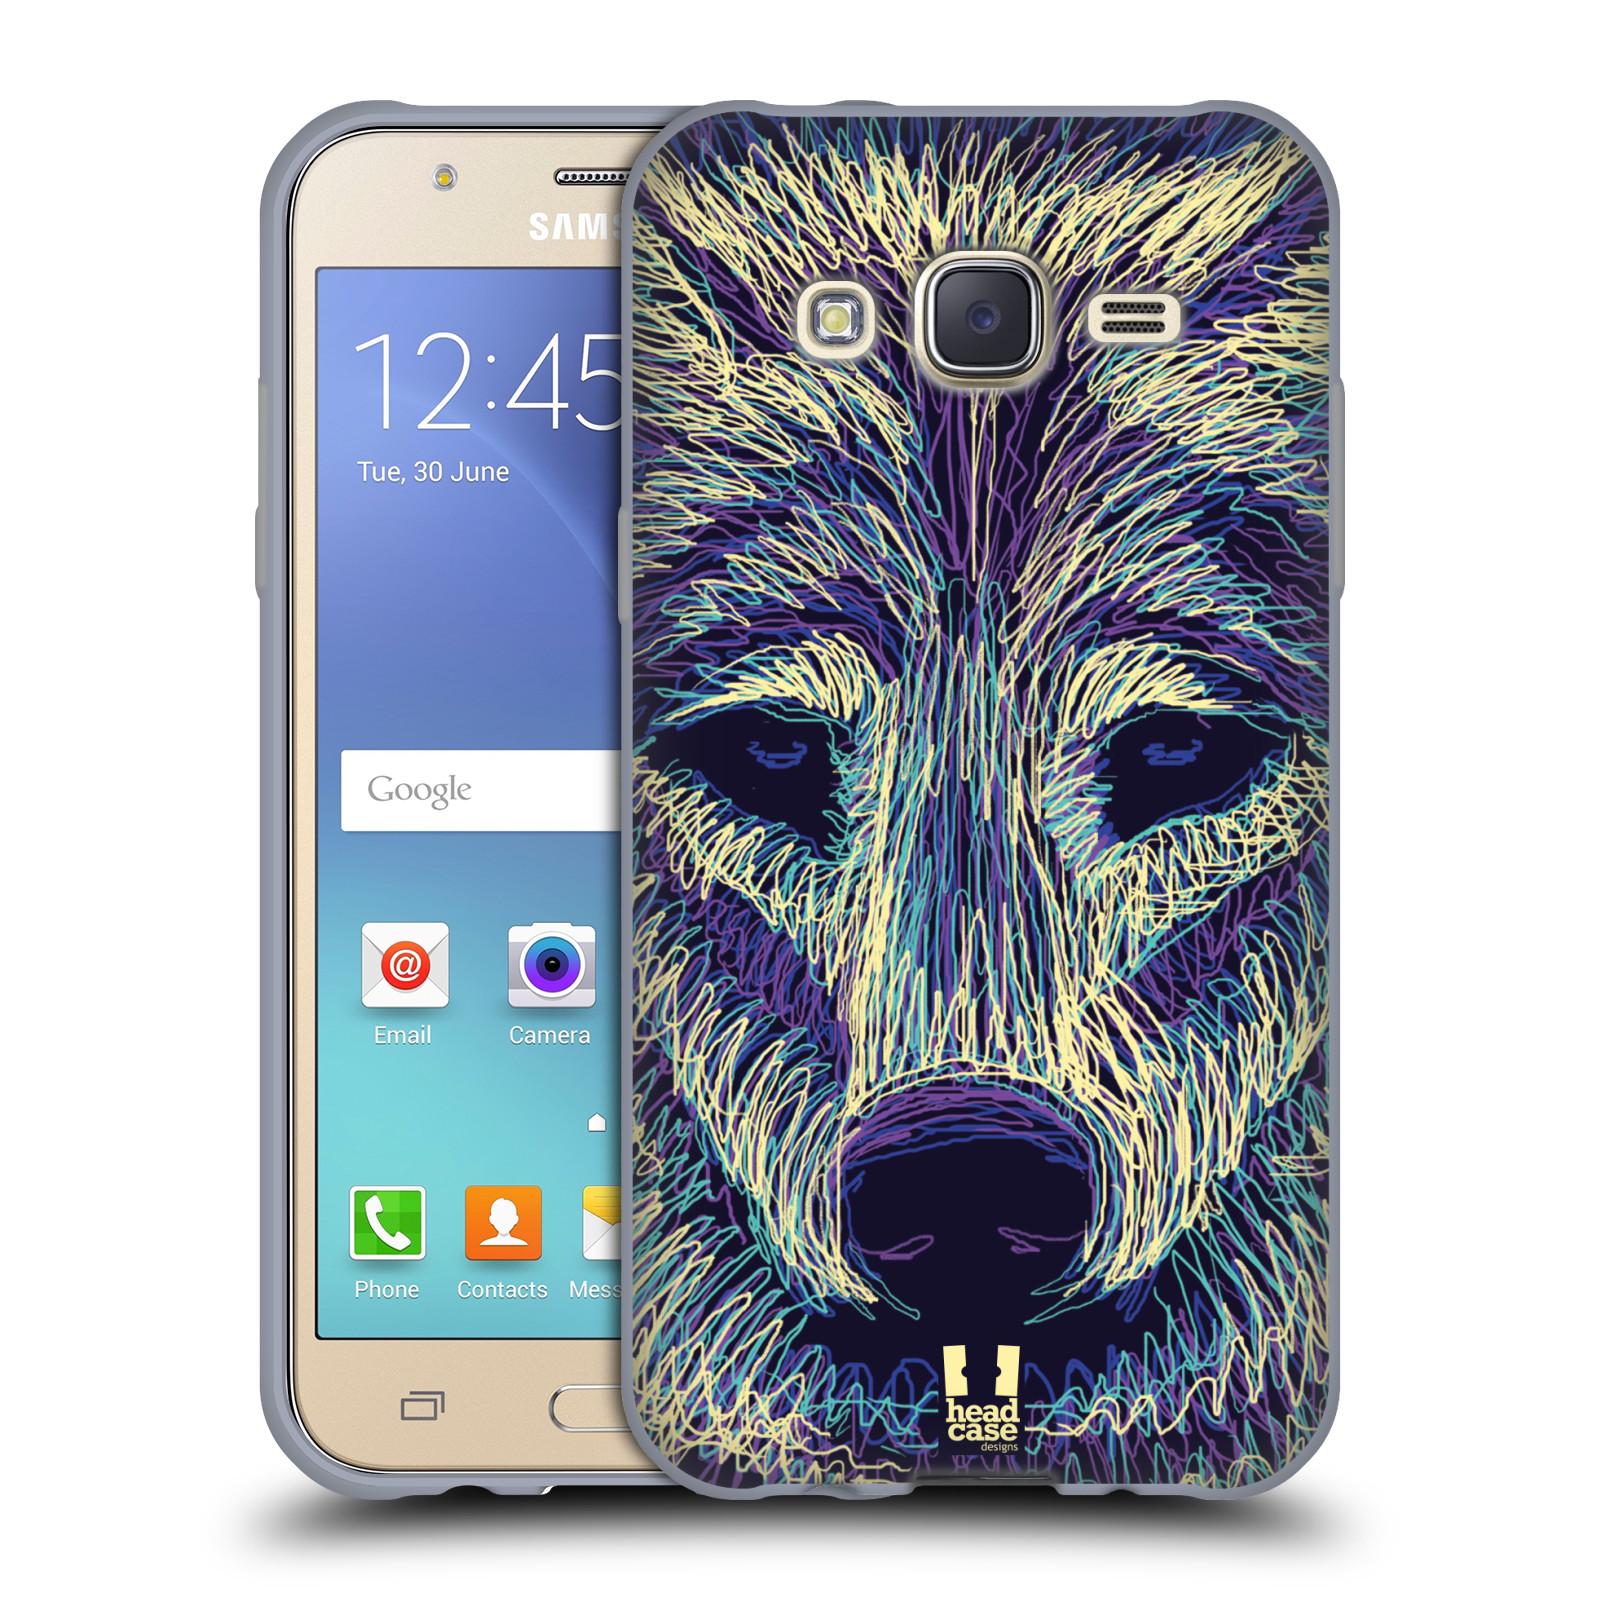 HEAD CASE silikonový obal na mobil Samsung Galaxy J5, J500, (J5 DUOS) vzor zvíře čmáranice vlk